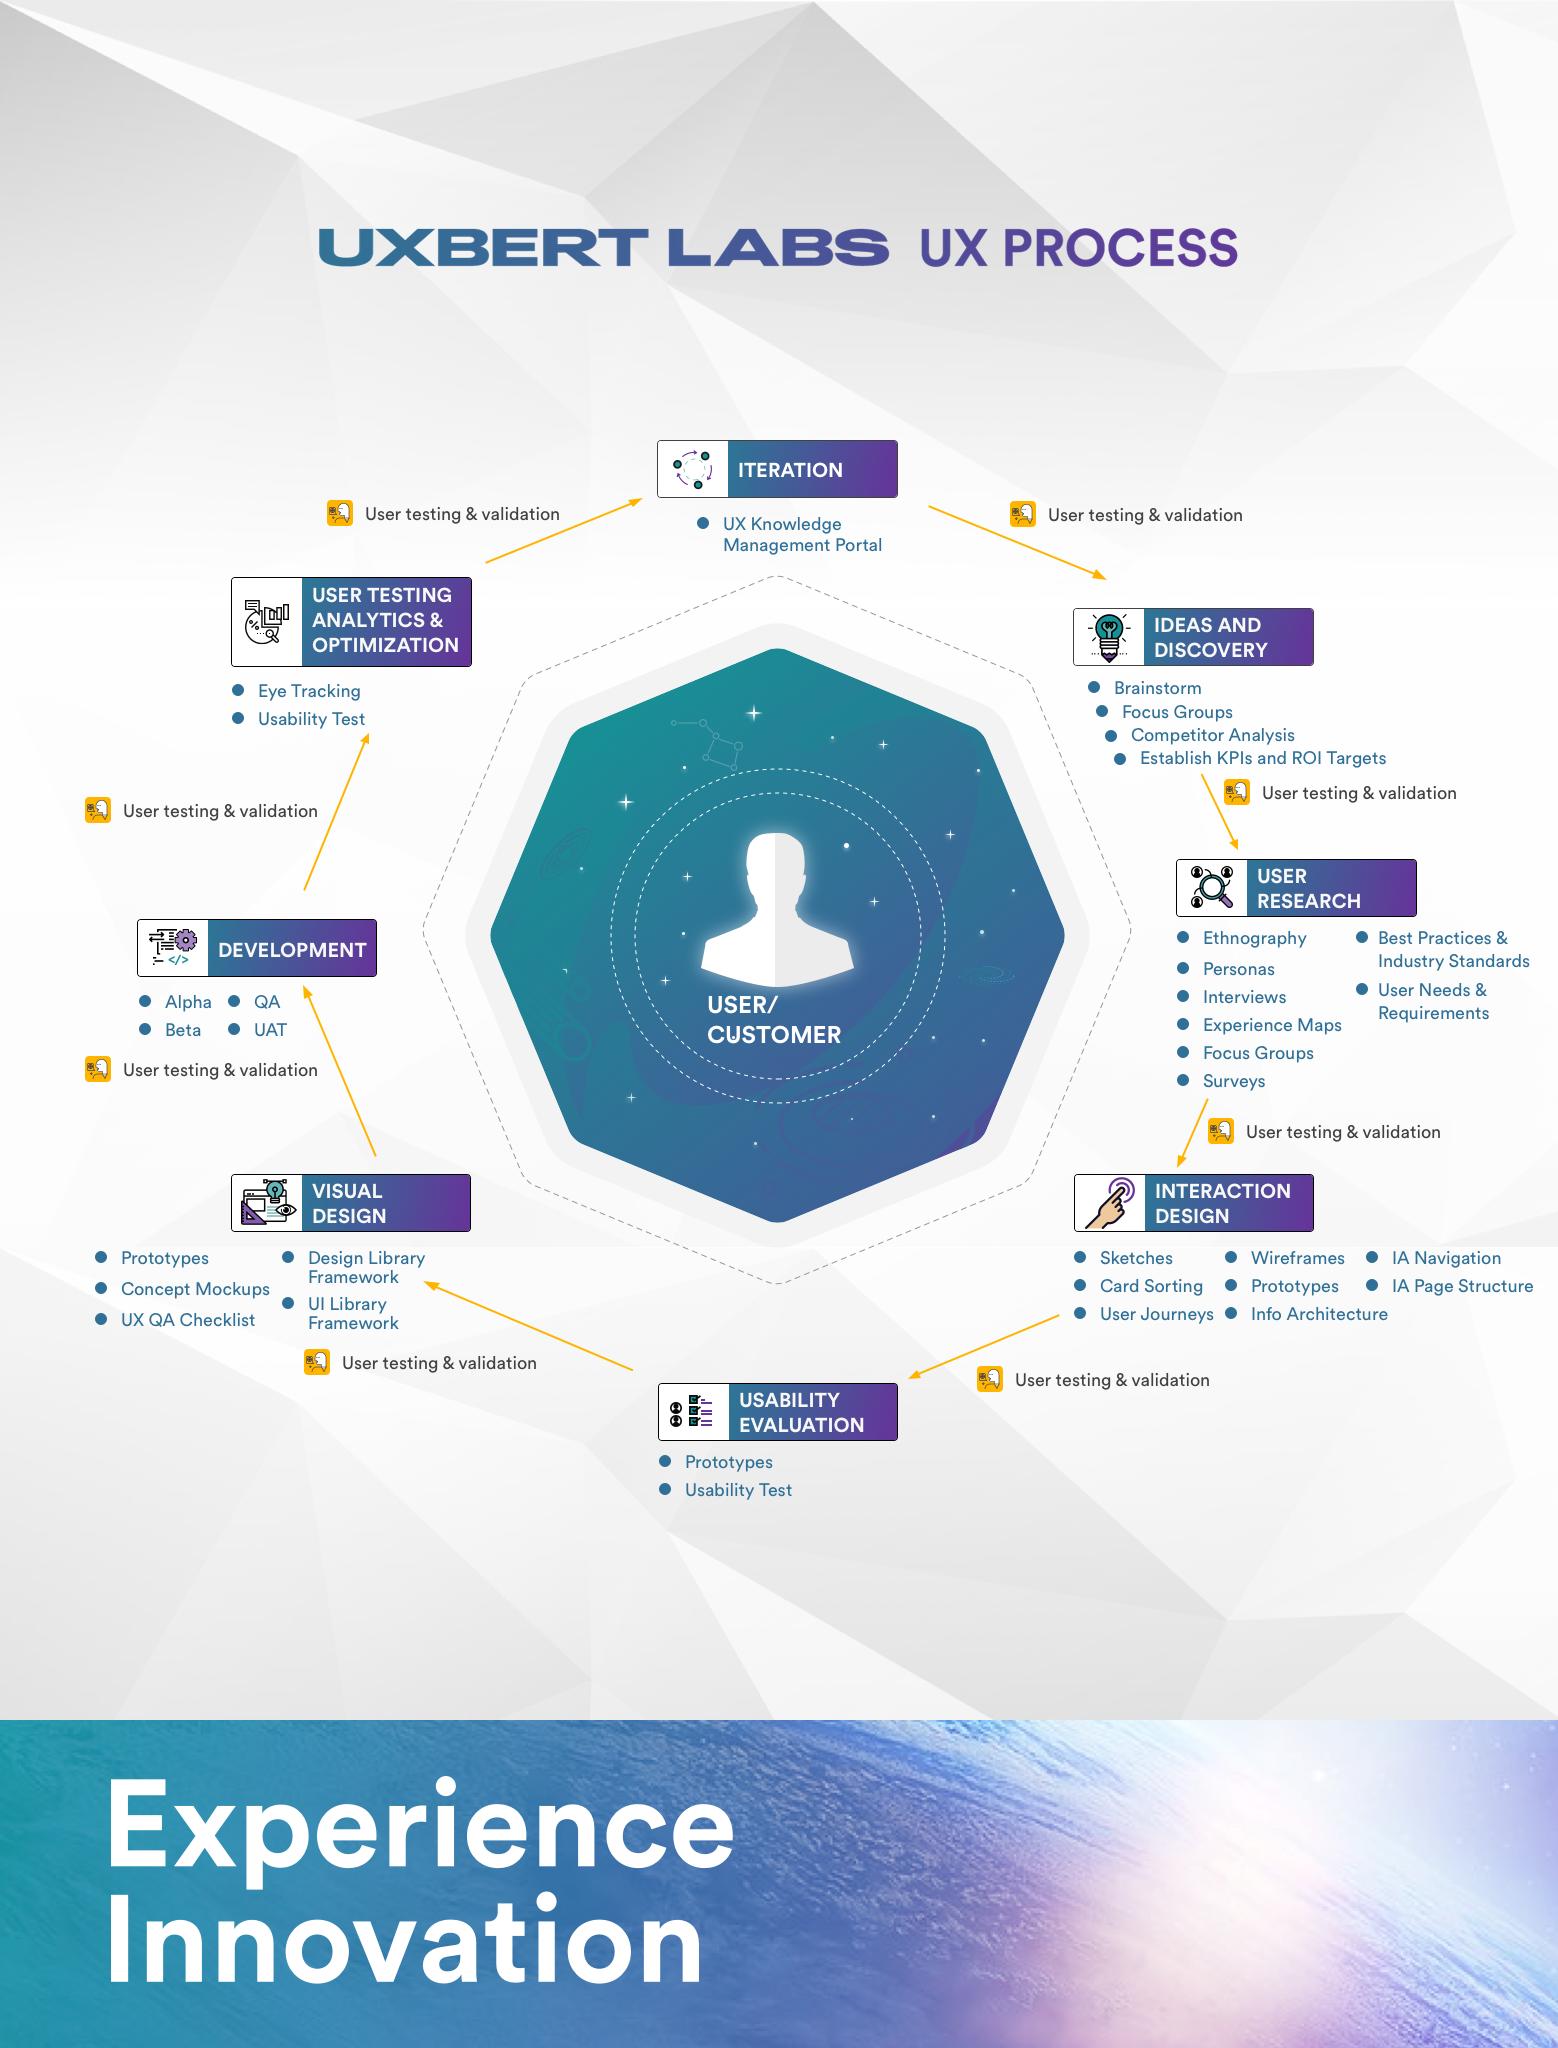 UXBERT_UX_Process_v2